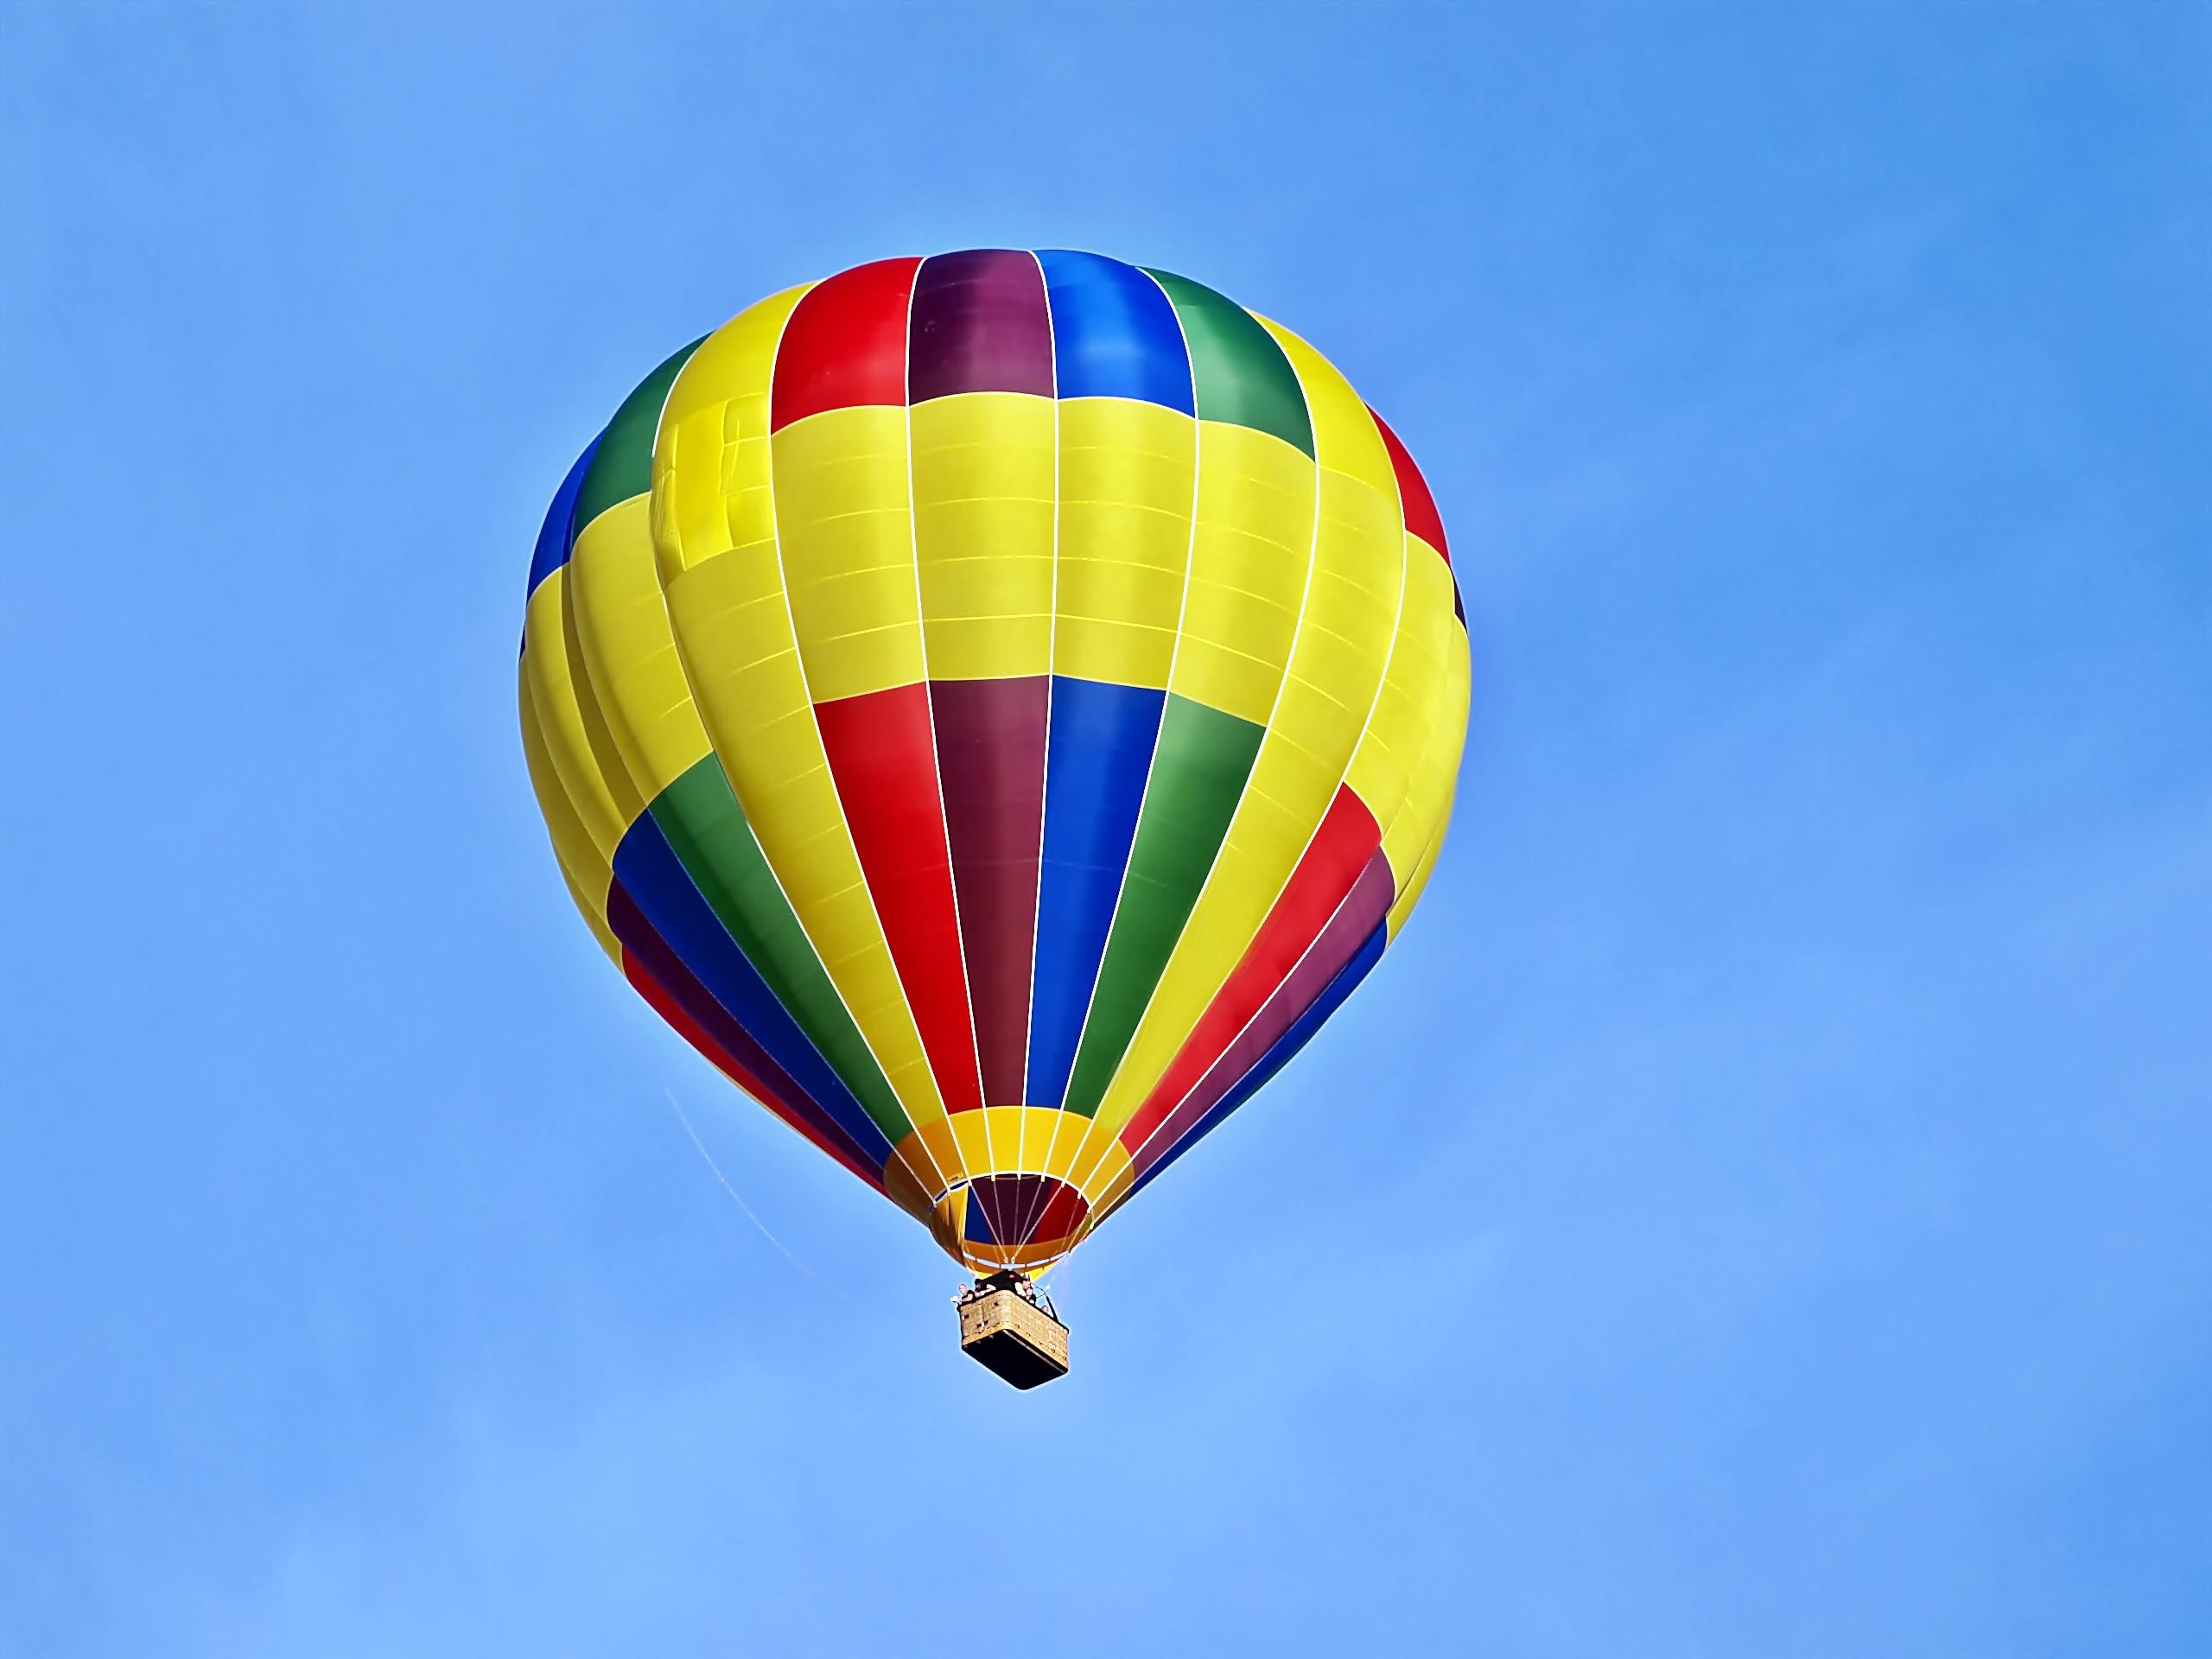 Hot Air >> รูปภาพ : ธรรมชาติ, ปีก, เทคโนโลยี, บอลลูนอากาศร้อน, อากาศยาน, มีชีวิต, ยานพาหนะ, ของเล่น, บอลลูน ...